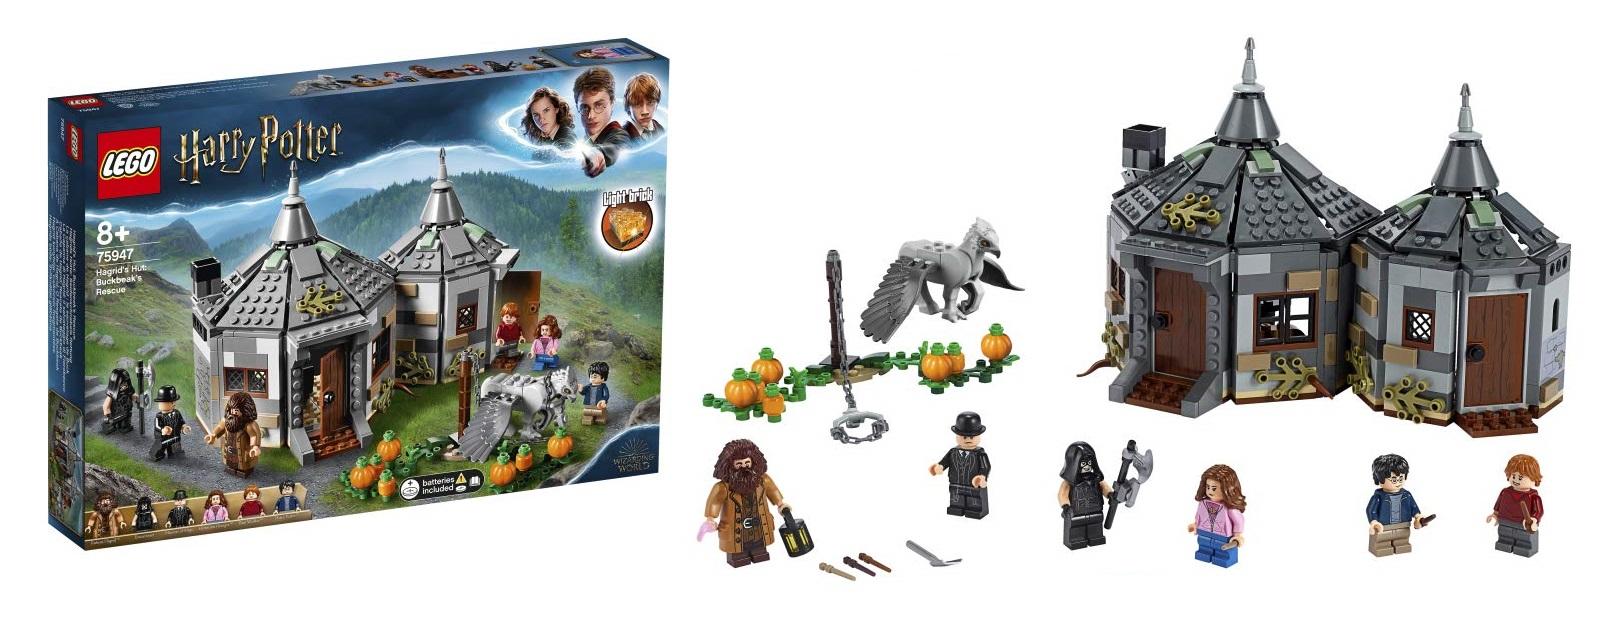 La Capanna di Hagrid: il Salvataggio di Fierobecco - Lego 75947